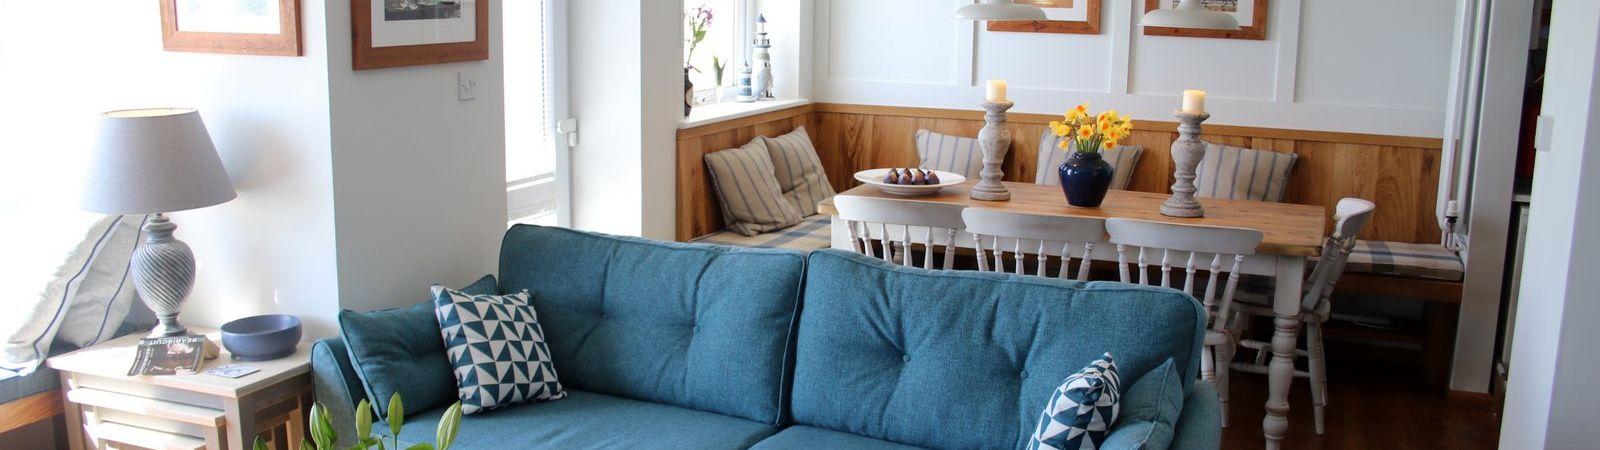 Westward - Porthleven Holiday Cottages